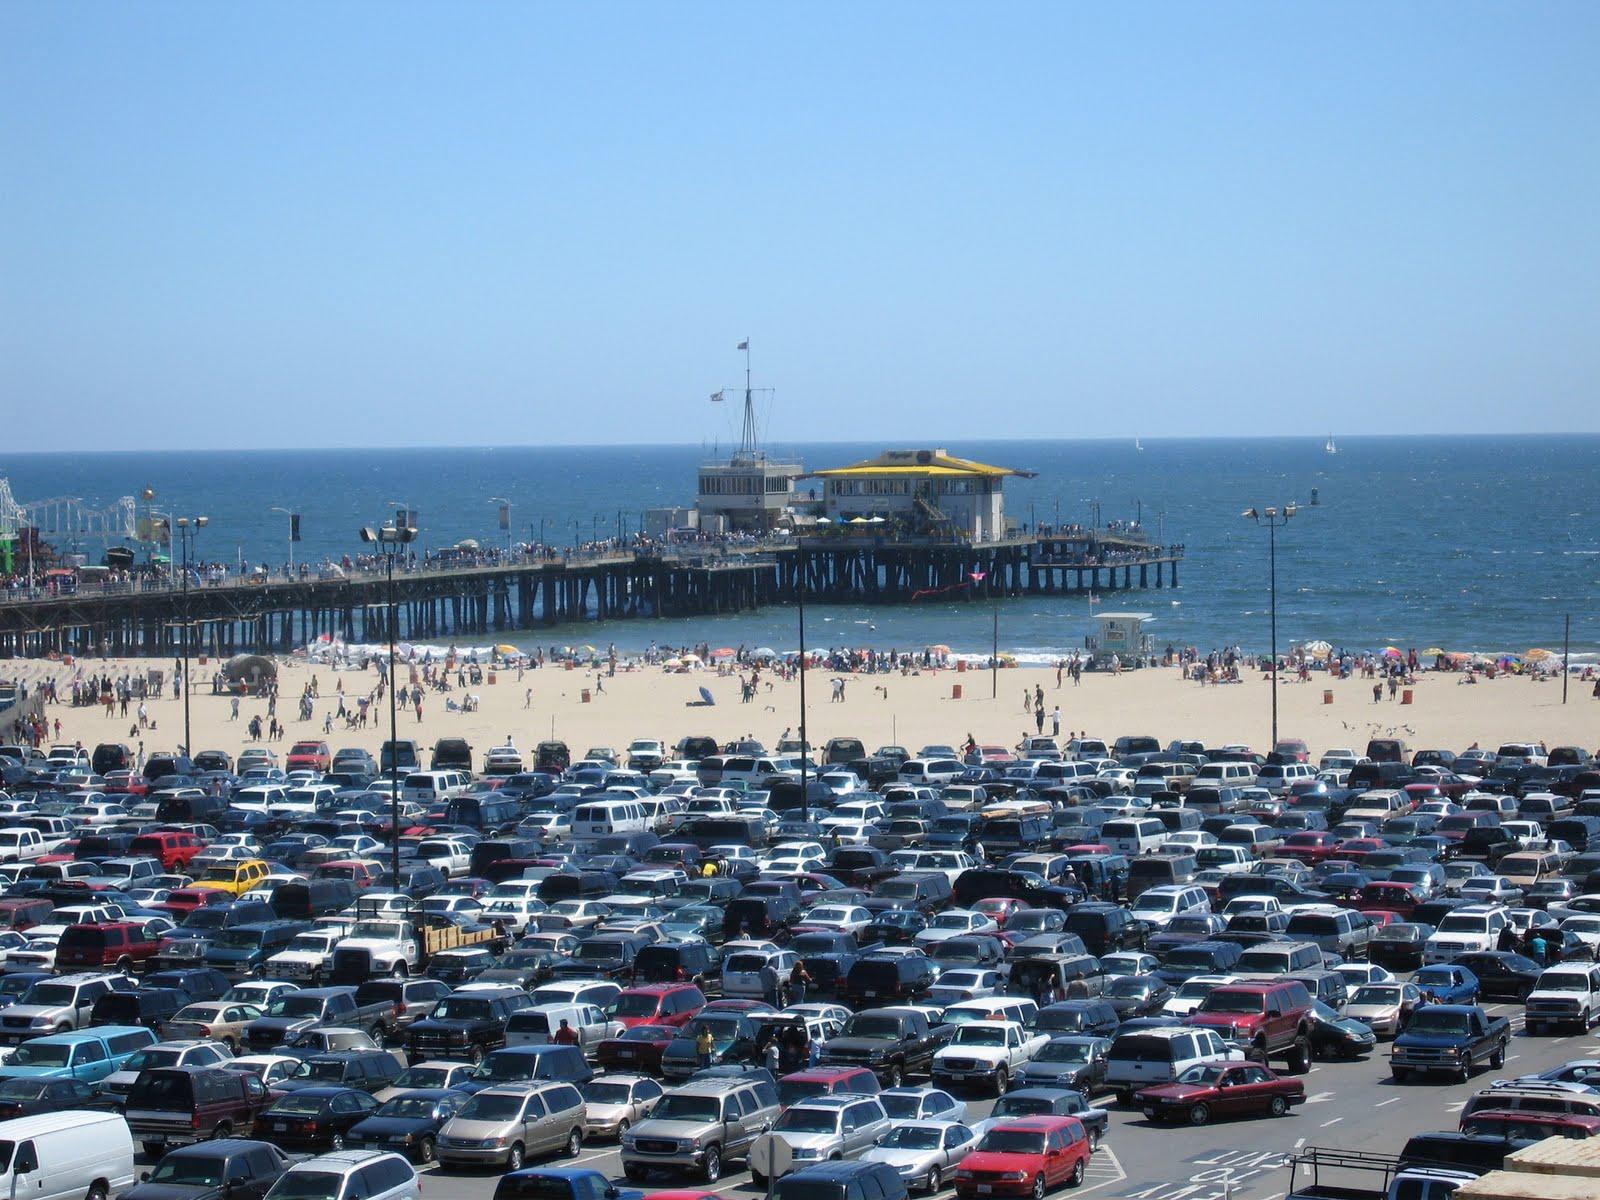 http://2.bp.blogspot.com/-Qrc3vZQPZcY/TkuXrRFk5RI/AAAAAAAAAWA/iKpMBwdFGhI/s1600/Santa-Monica-Beach-los-angeles-1106520_1920_1440.jpg